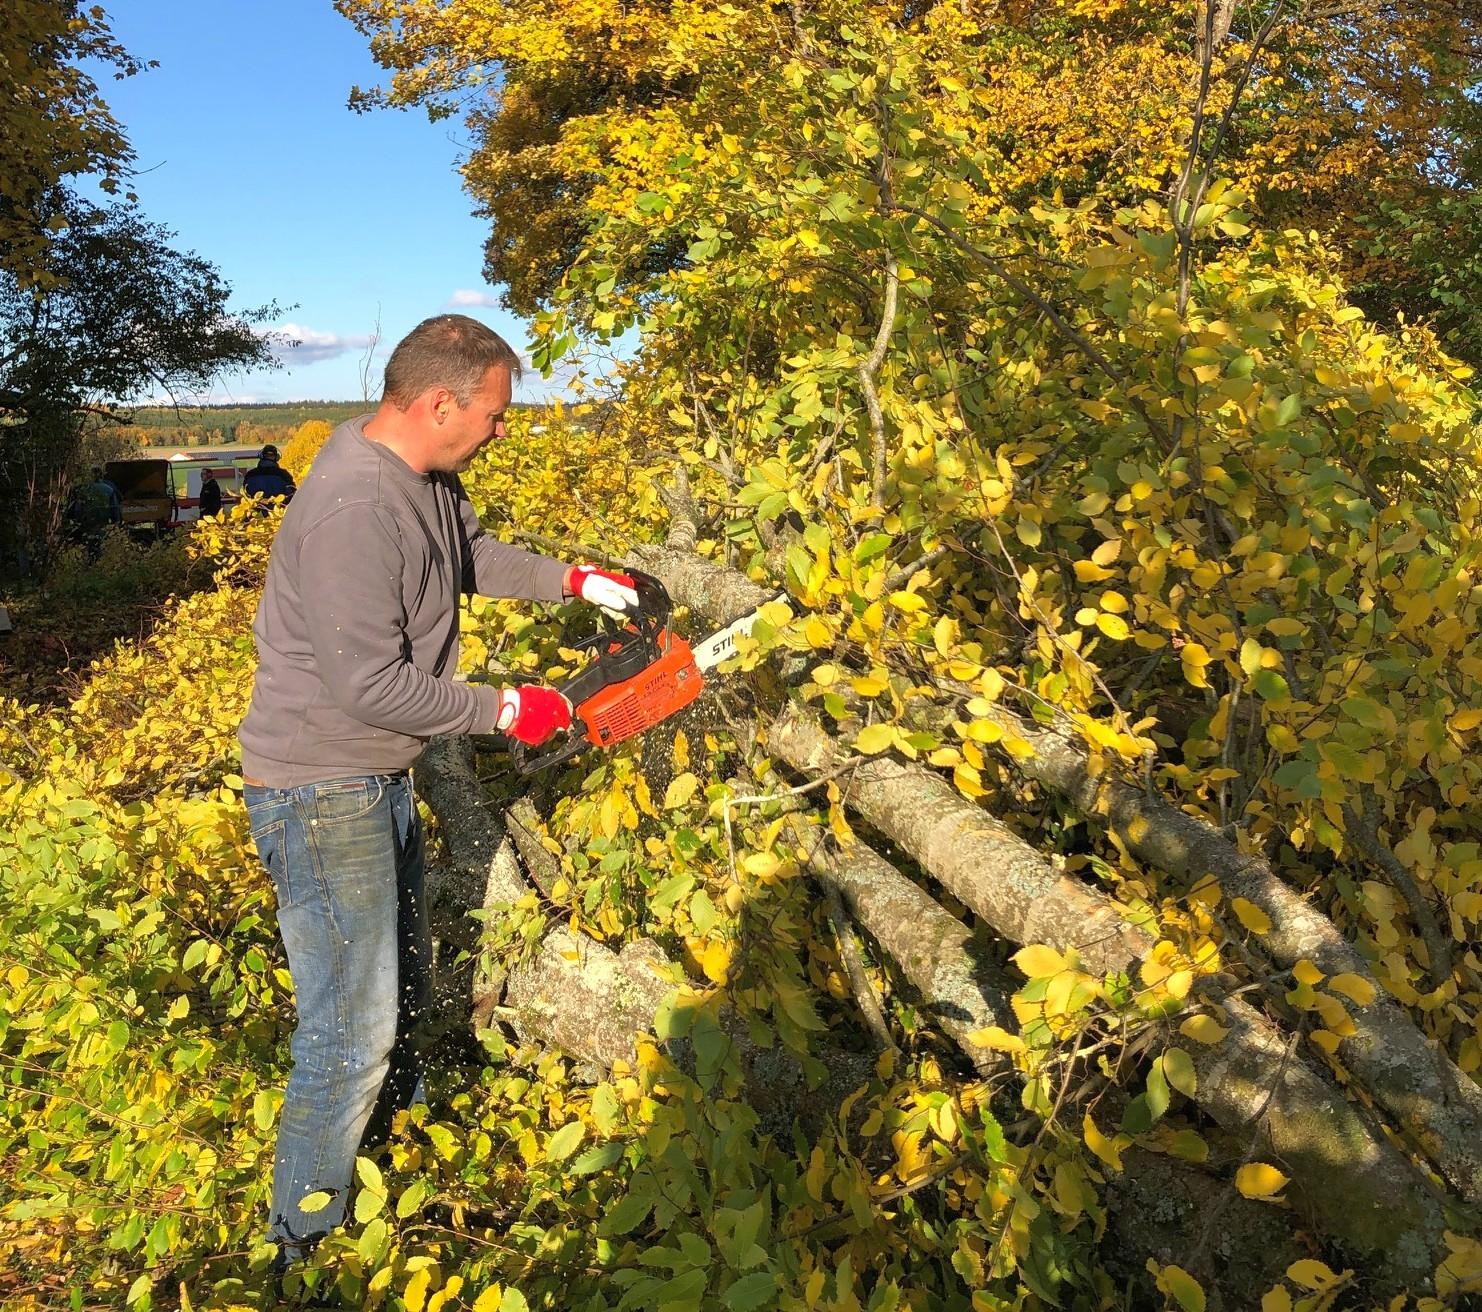 Tim zerlegt den Baum in handliche Teile